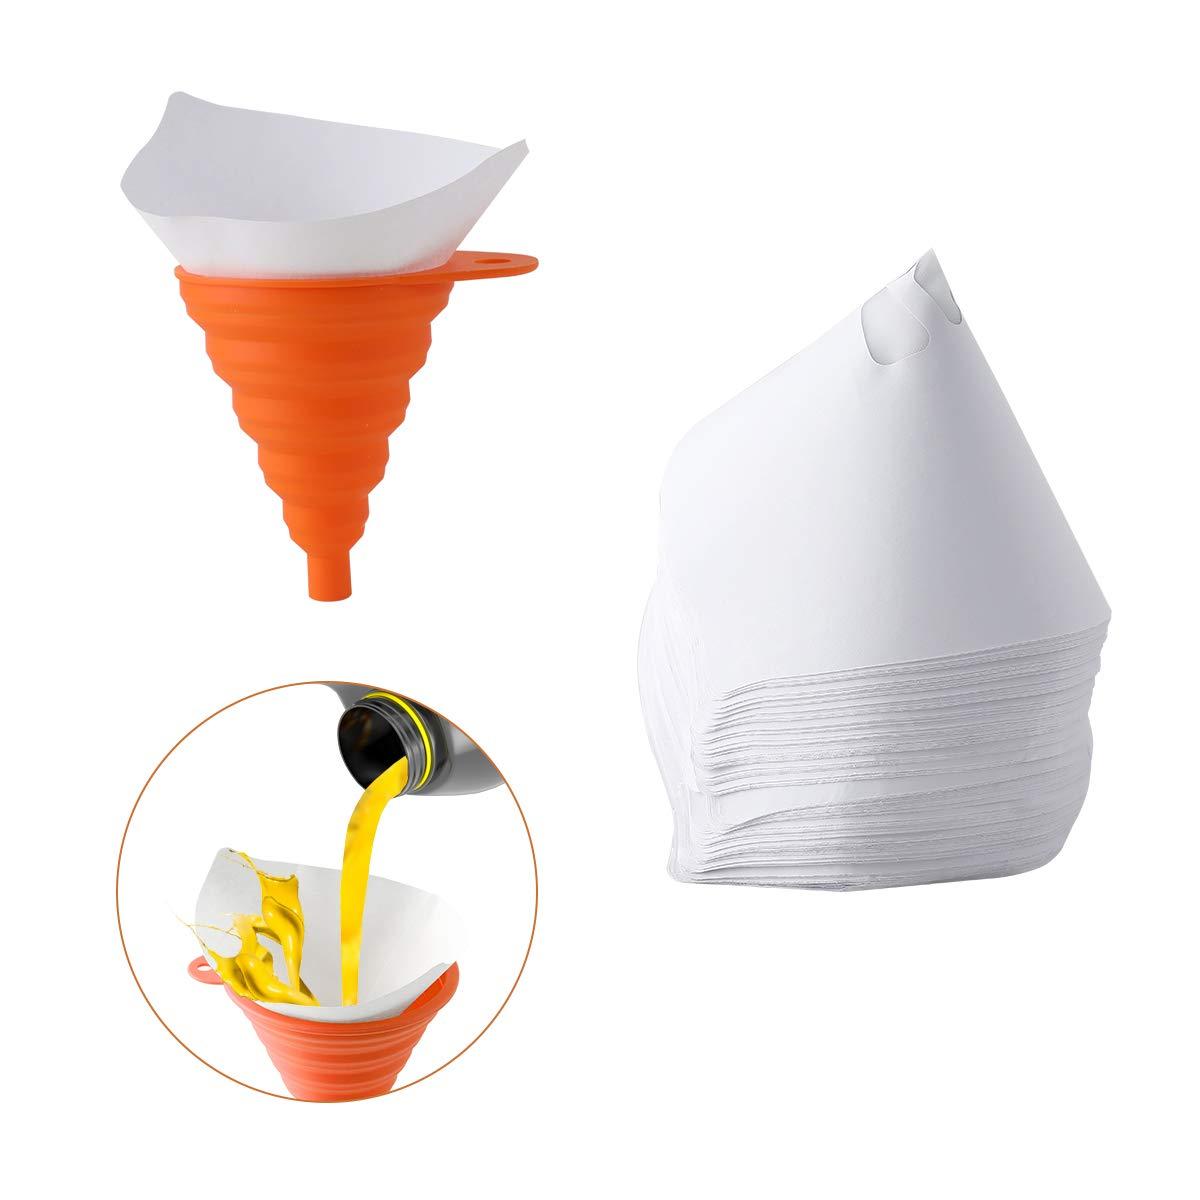 filtres de peinture jetables pour filtre de peinture en maille de nylon 100Pcs avec 1 entonnoir pliant en silicone Entonnoir pliant Filtres de peinture AIEVE Orange